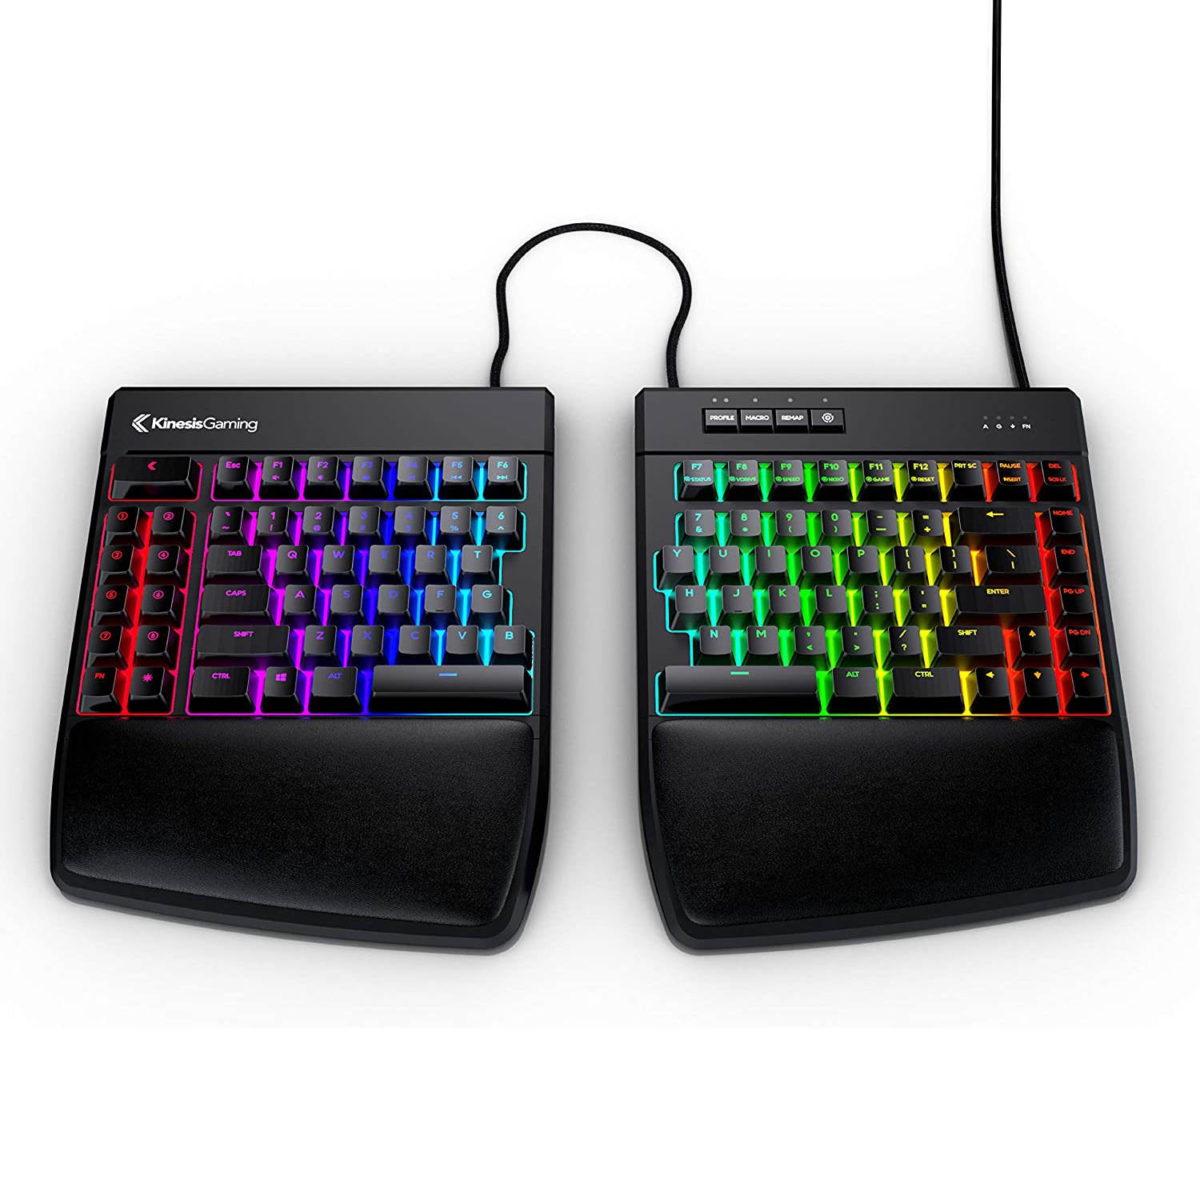 Kinesis Gaming Freestyle Edge RGB Split Keyboard